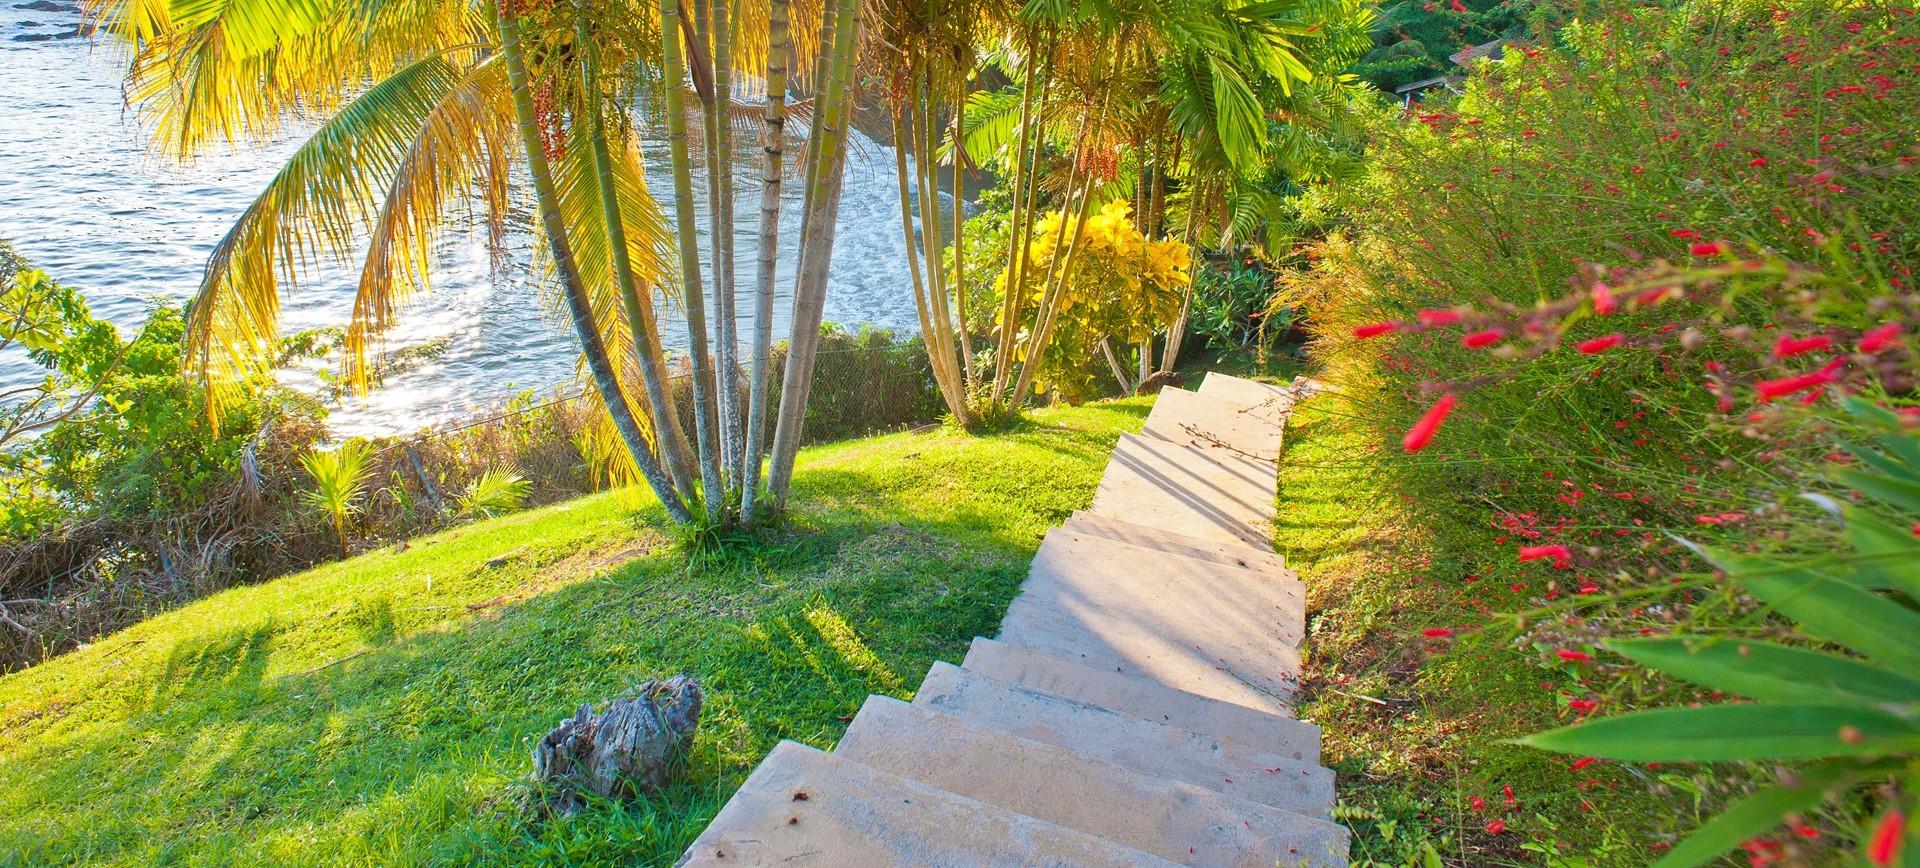 villa-ohana-tobago-steps-down-to-beach